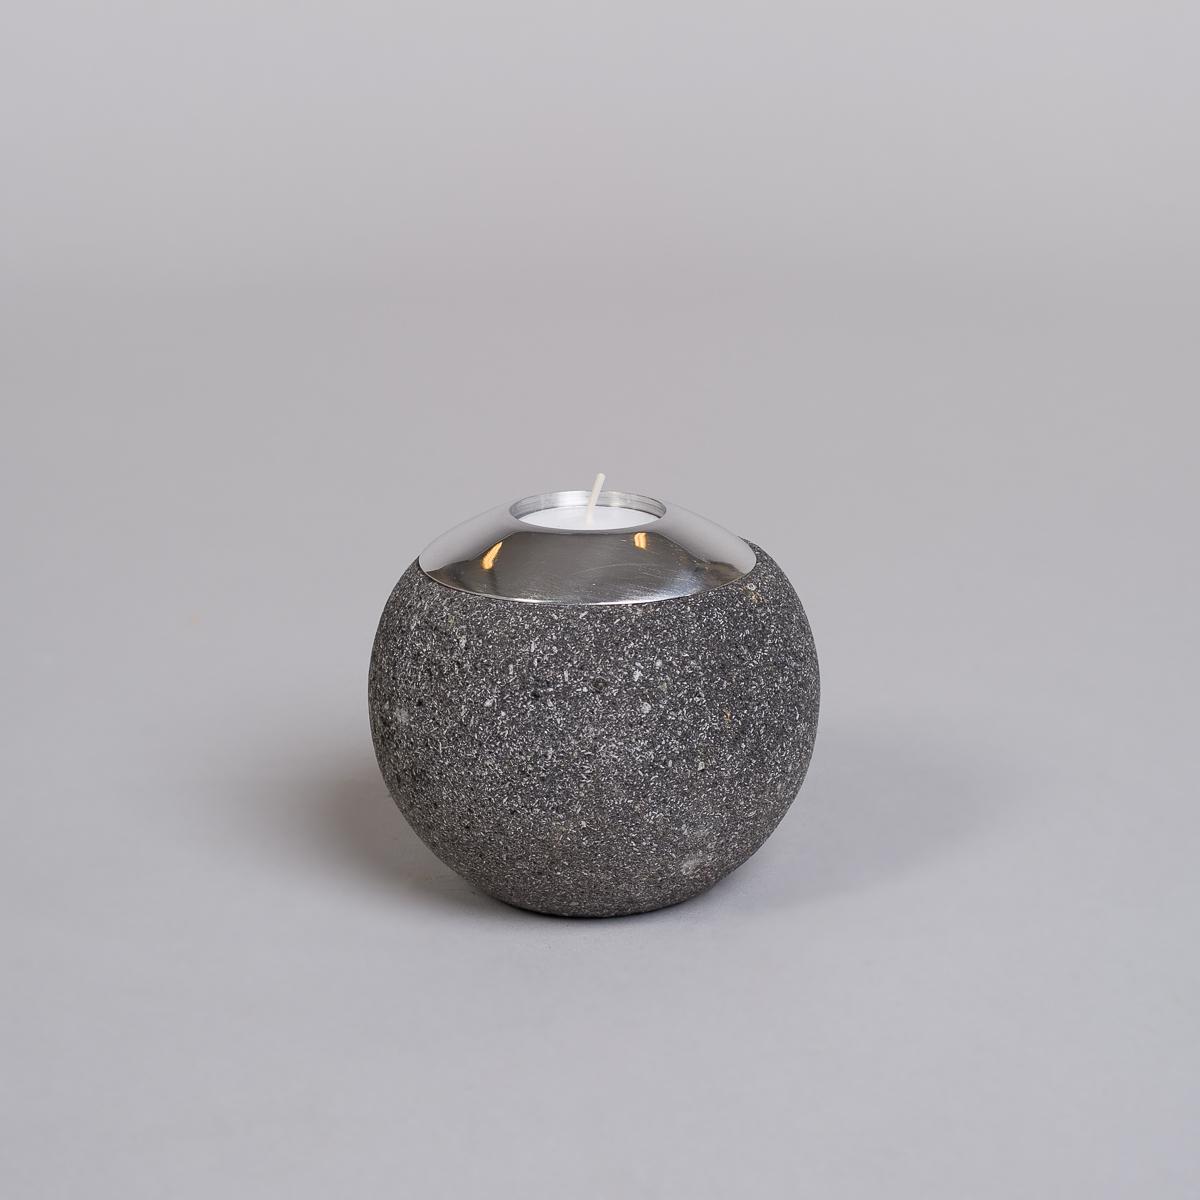 Te-lysholder i svart lava-stor-0